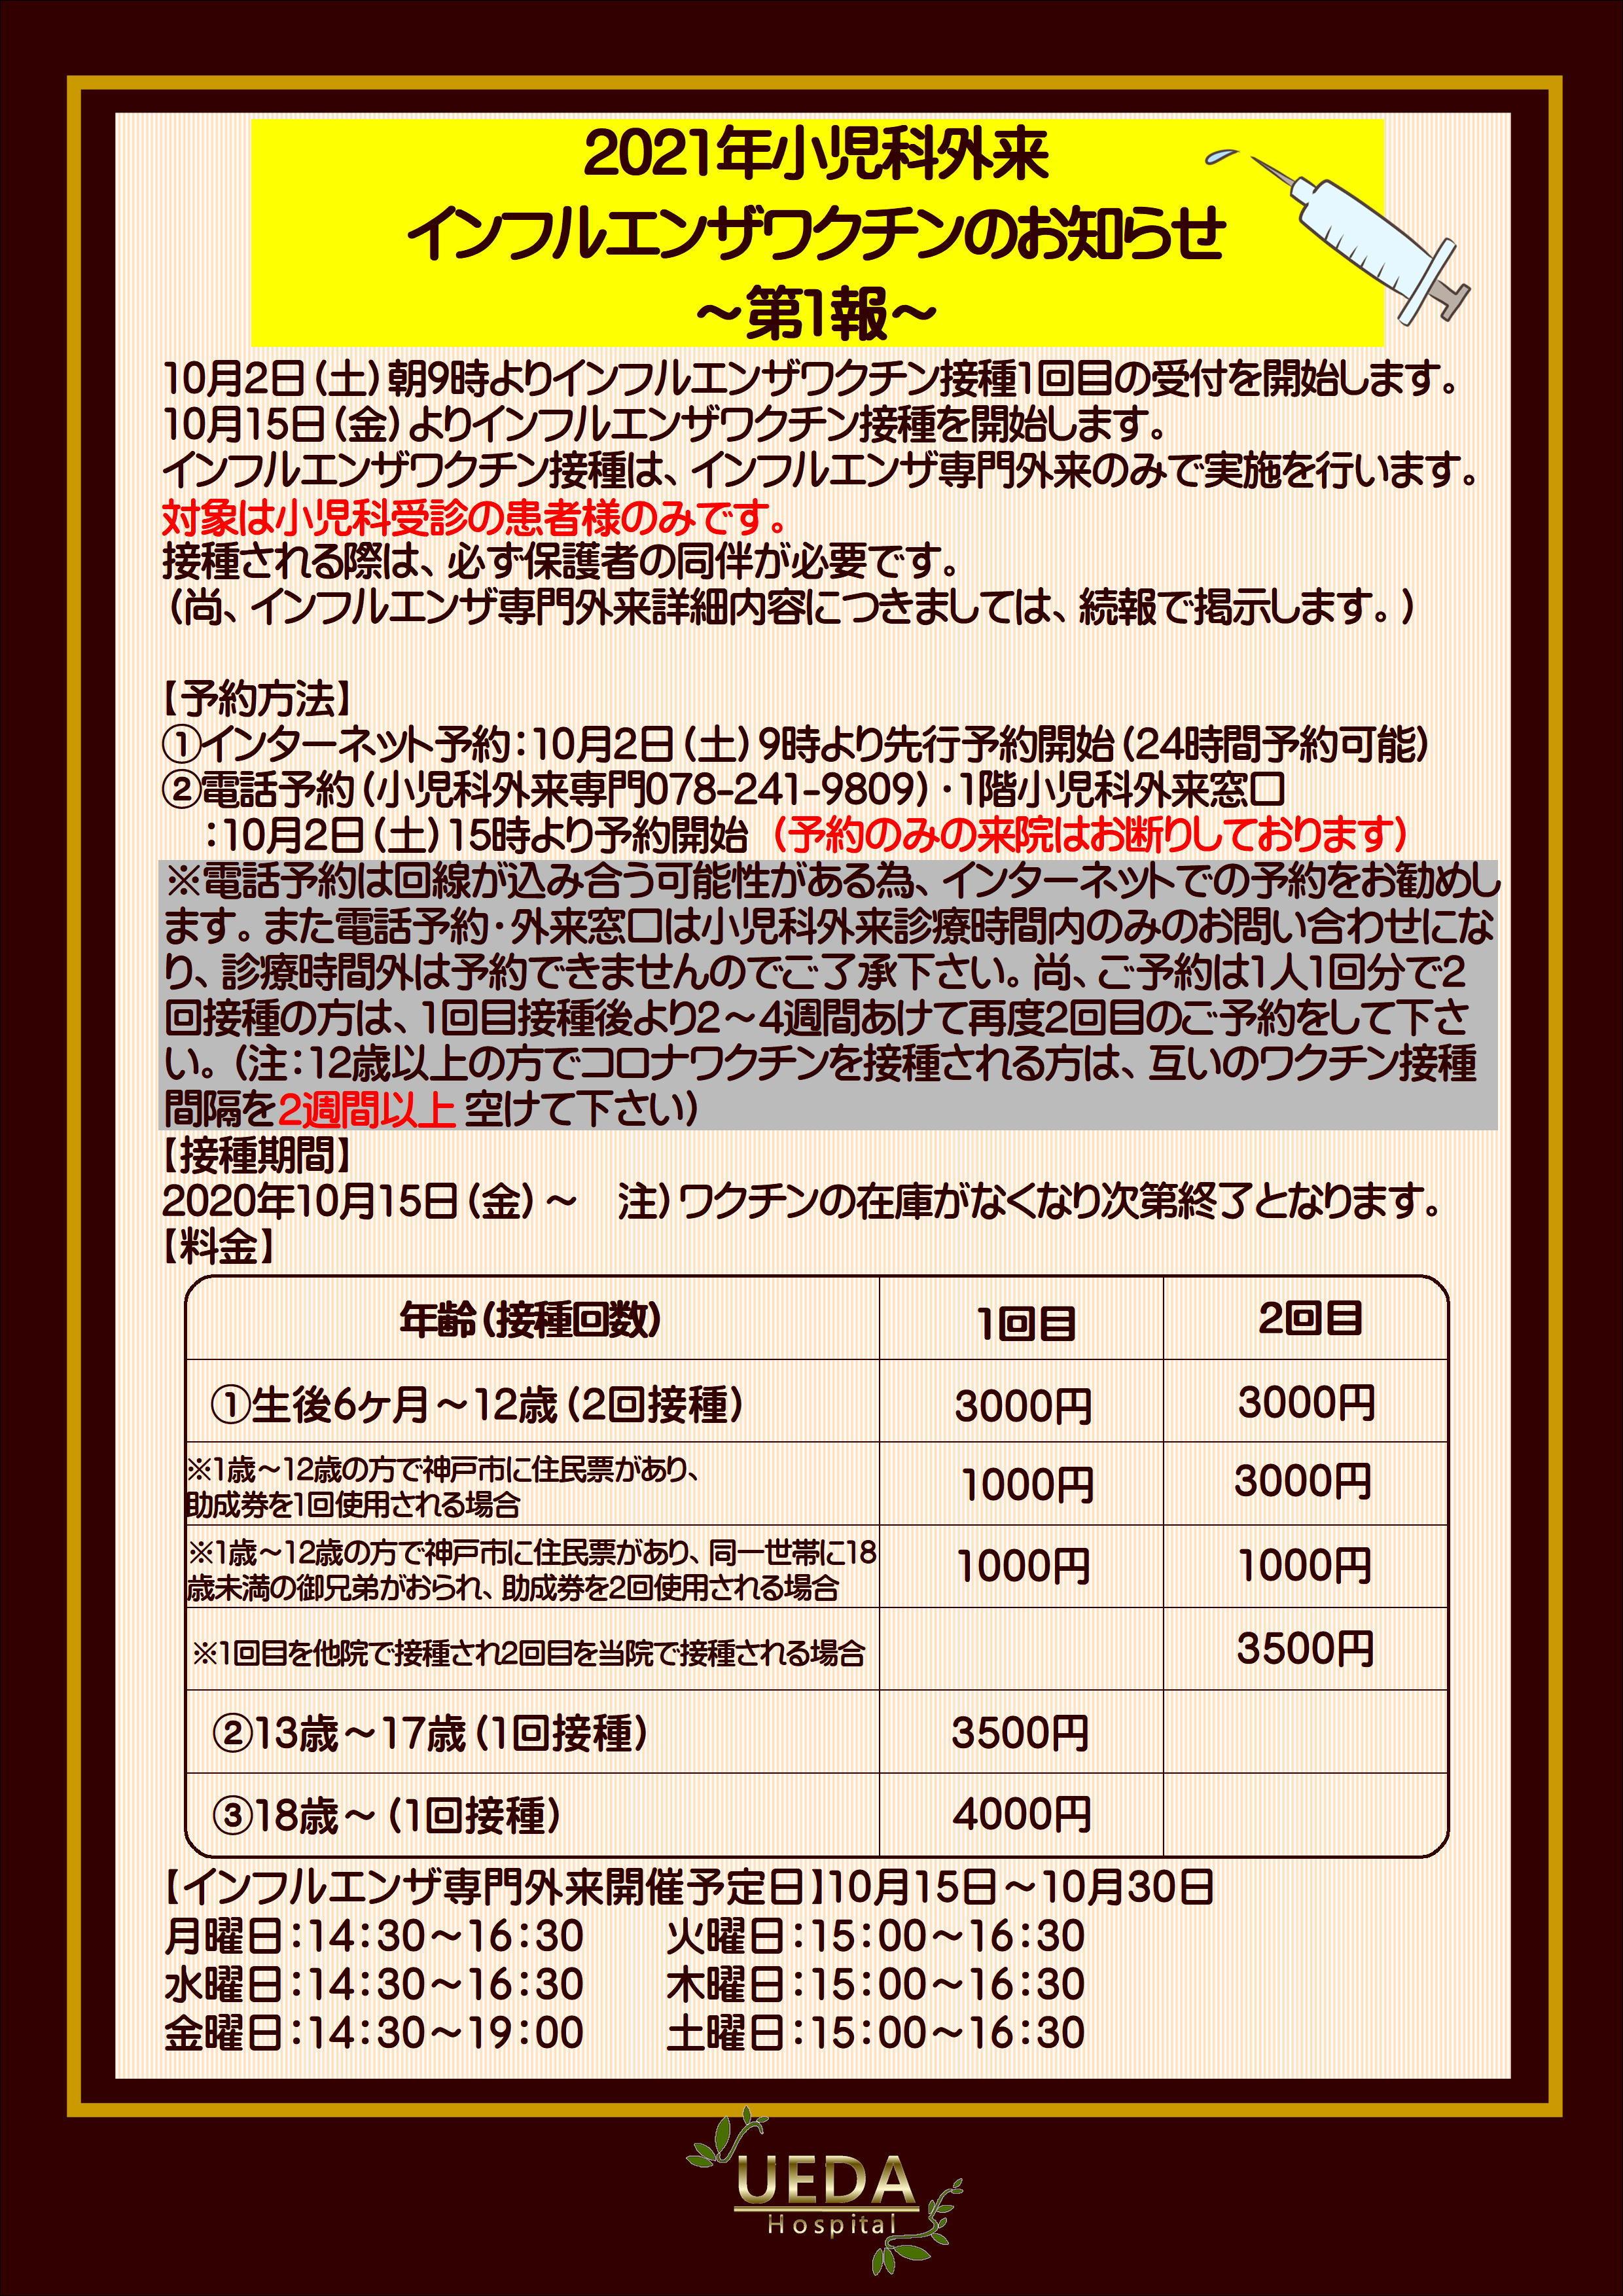 2021 インフルエンザ 第1報.JPG